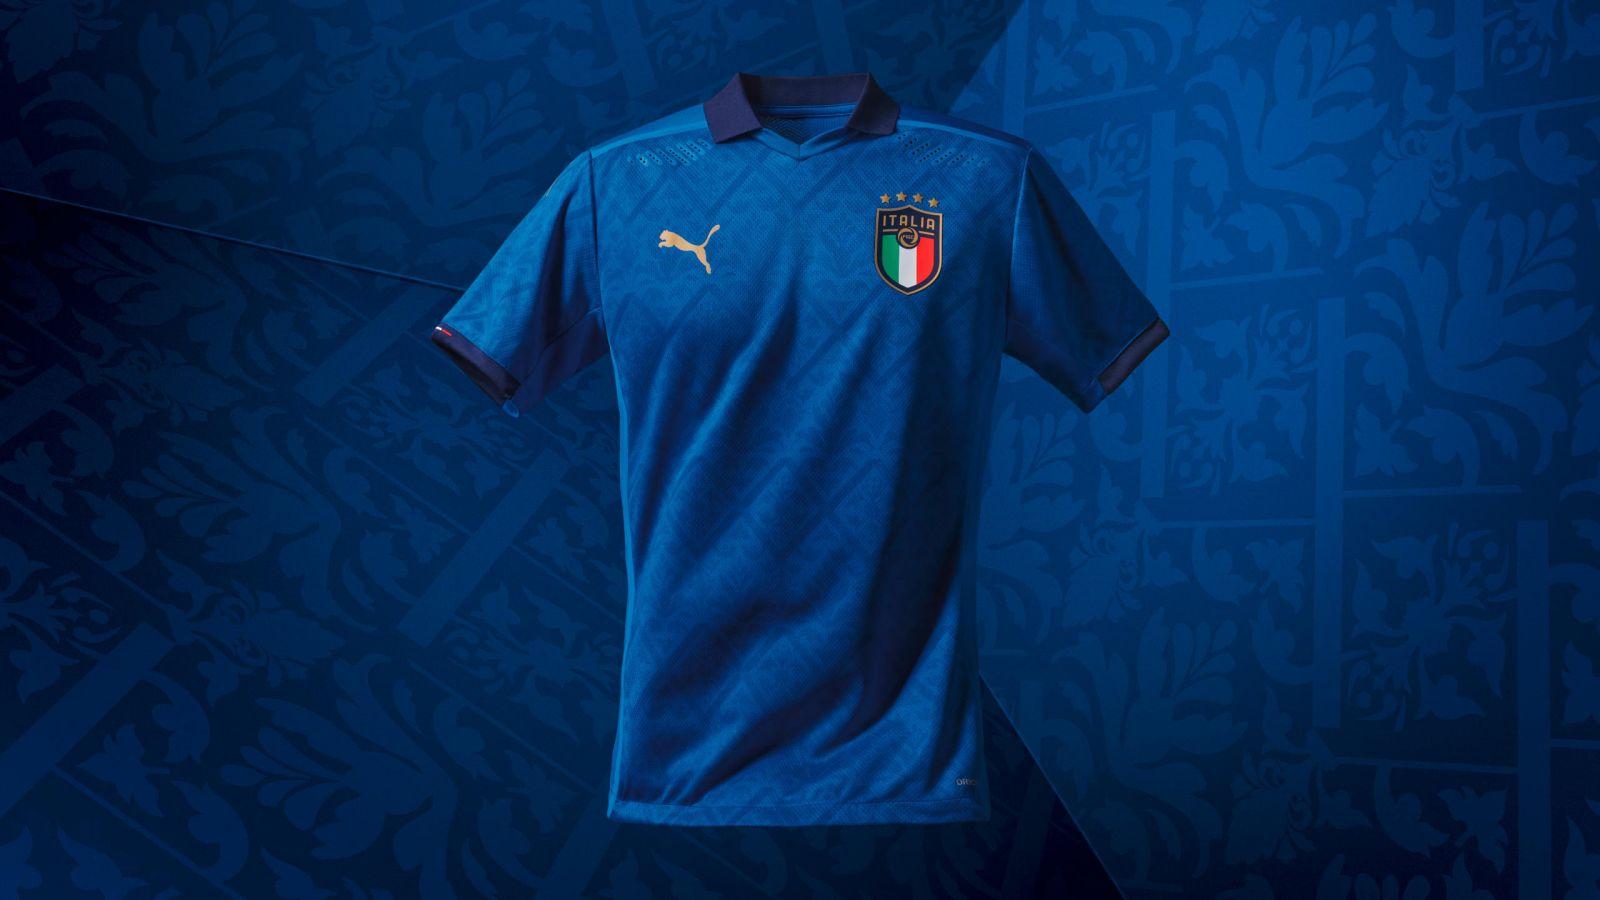 国际足球意大利队发布新版主场球衣,设计灵感源自文艺复兴